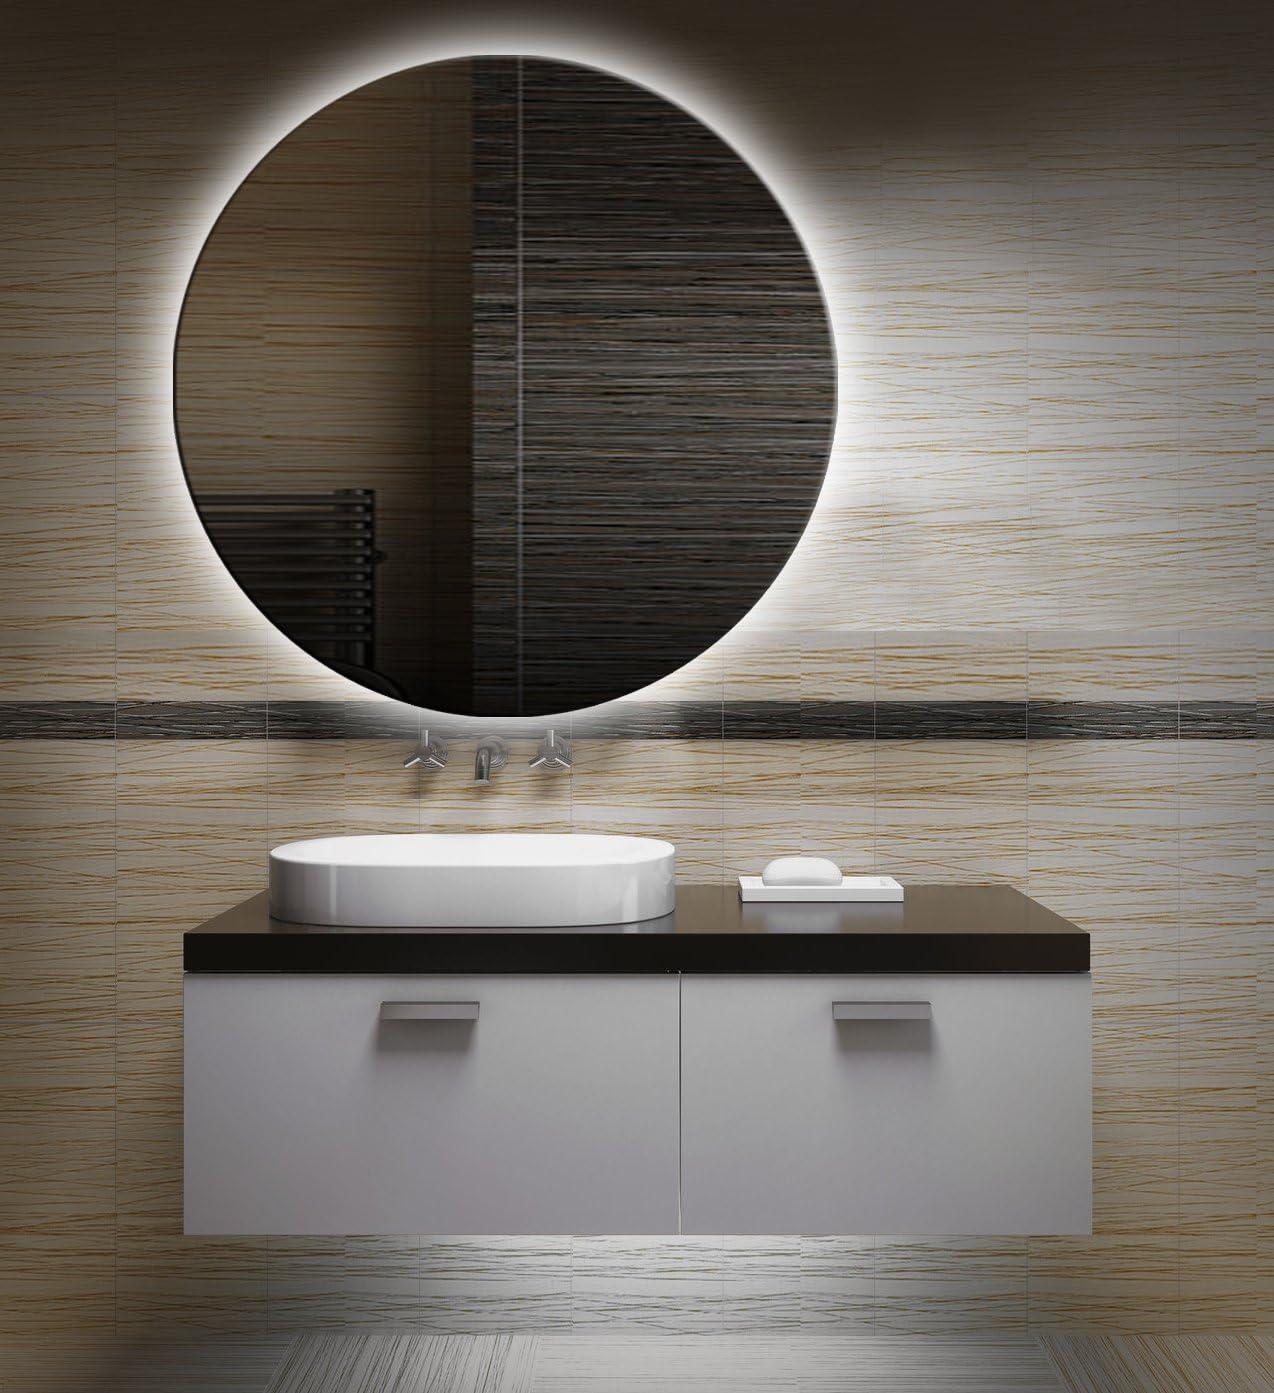 Bilderdepot20 Badezimmerspiegel mit Beleuchtung LED Spiegel   20 cm Ø    runder Badspiegel mit Licht   Design Spiegel für Bad und Gäste WC ...